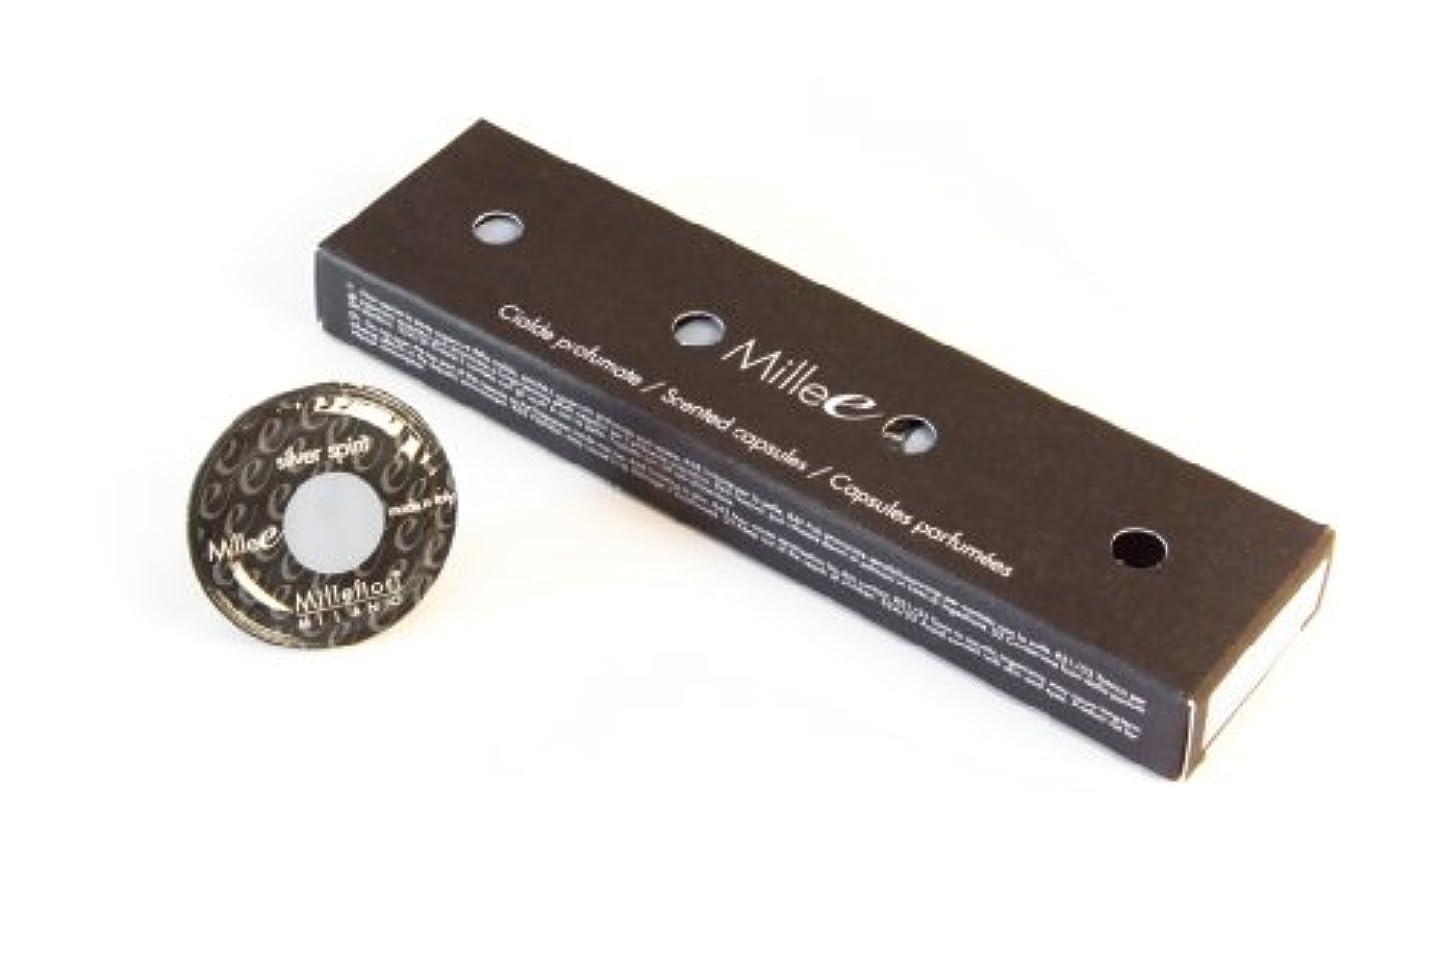 ペチュランス成功した印刷するMillefiori カプセルディフューザー Mille-e センテッドカプセル シルバースピリット 12MCSI